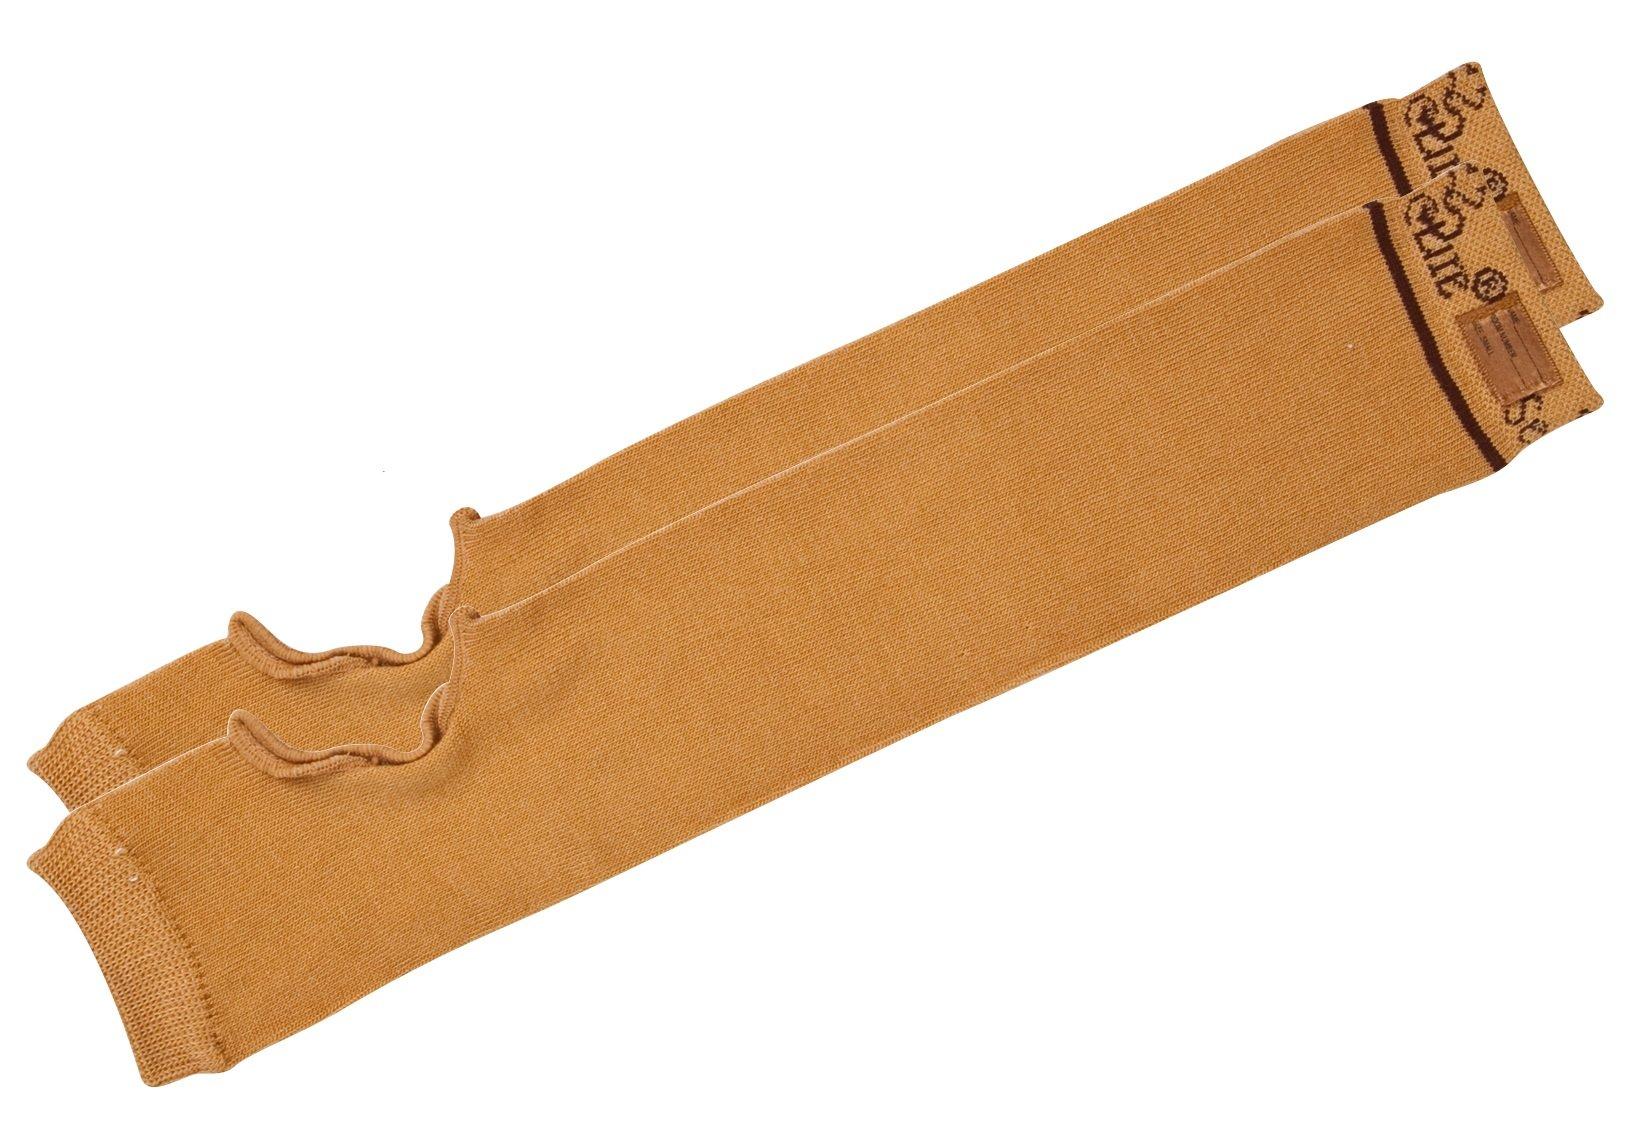 SecureSleeves (1 Pair) Geri Skin Protection Arm Sleeves, Large, Brown - 16.5''-17'' x 3.5''